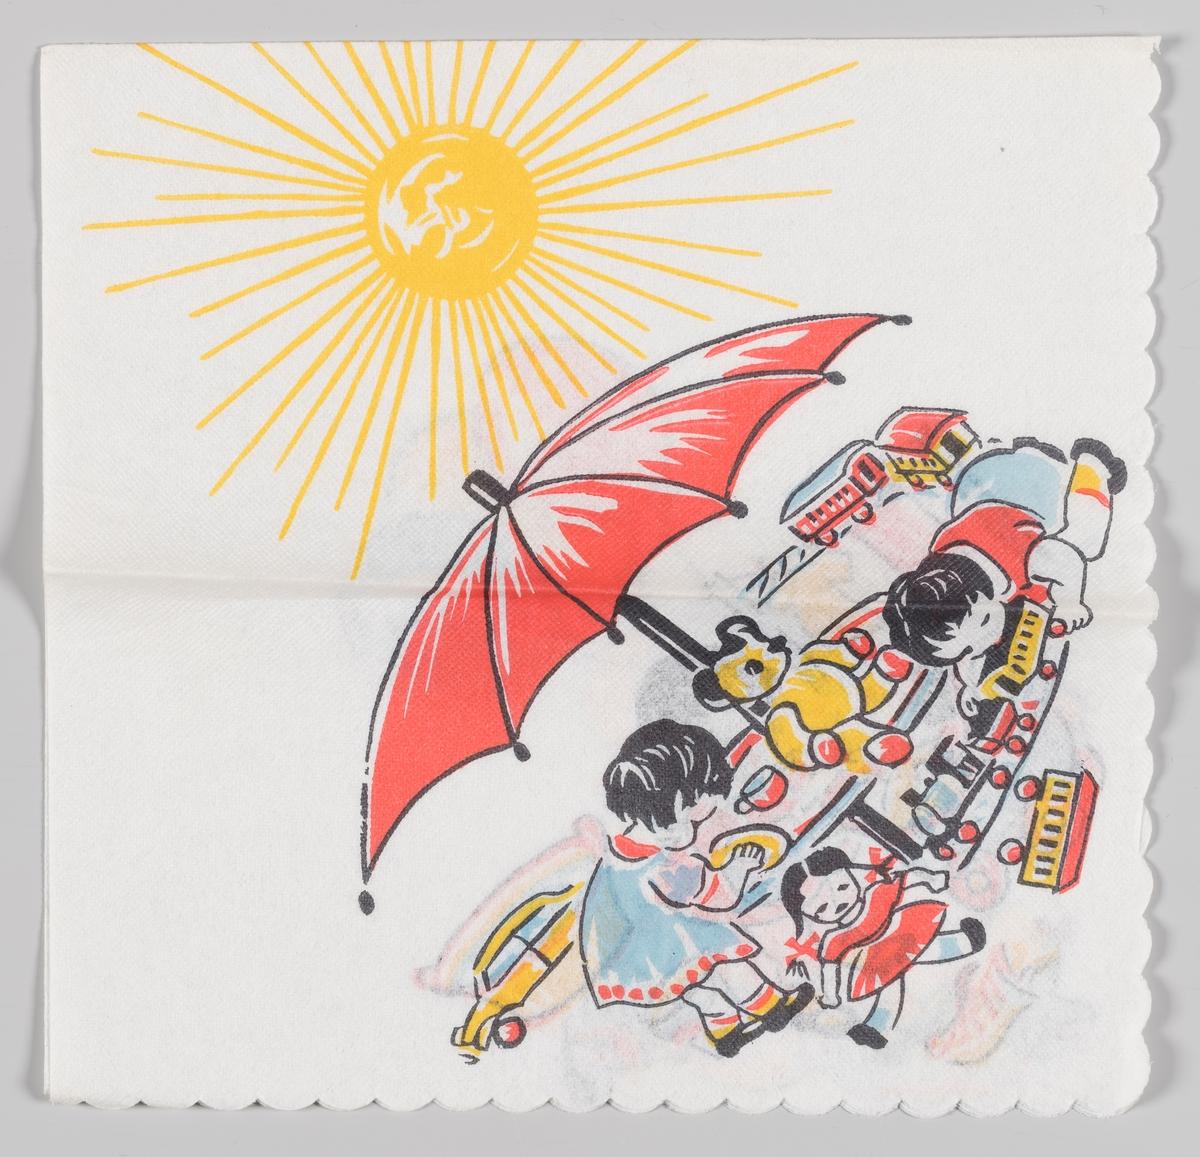 En gutt og en jente leker med masse forskjellig leketøy under en parasol med en strålende sol i bakgrunnen.